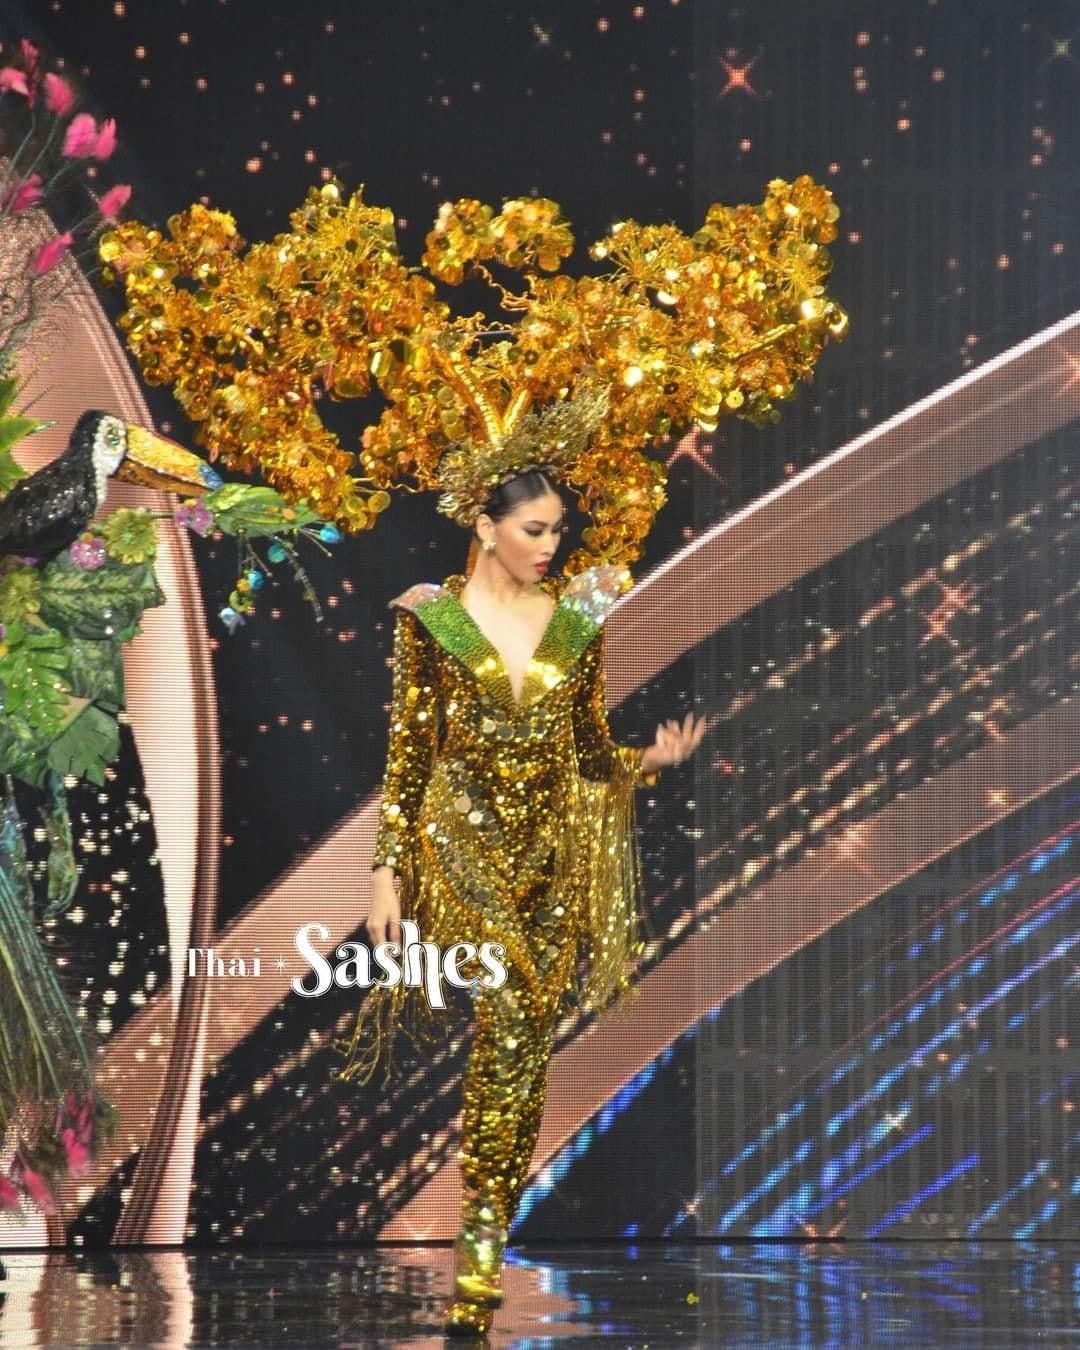 Thần thái 'Lá ngọc cành vàng' kiêu sa của Ngọc Thảo qua ống kính phóng viên quốc tế ảnh 6